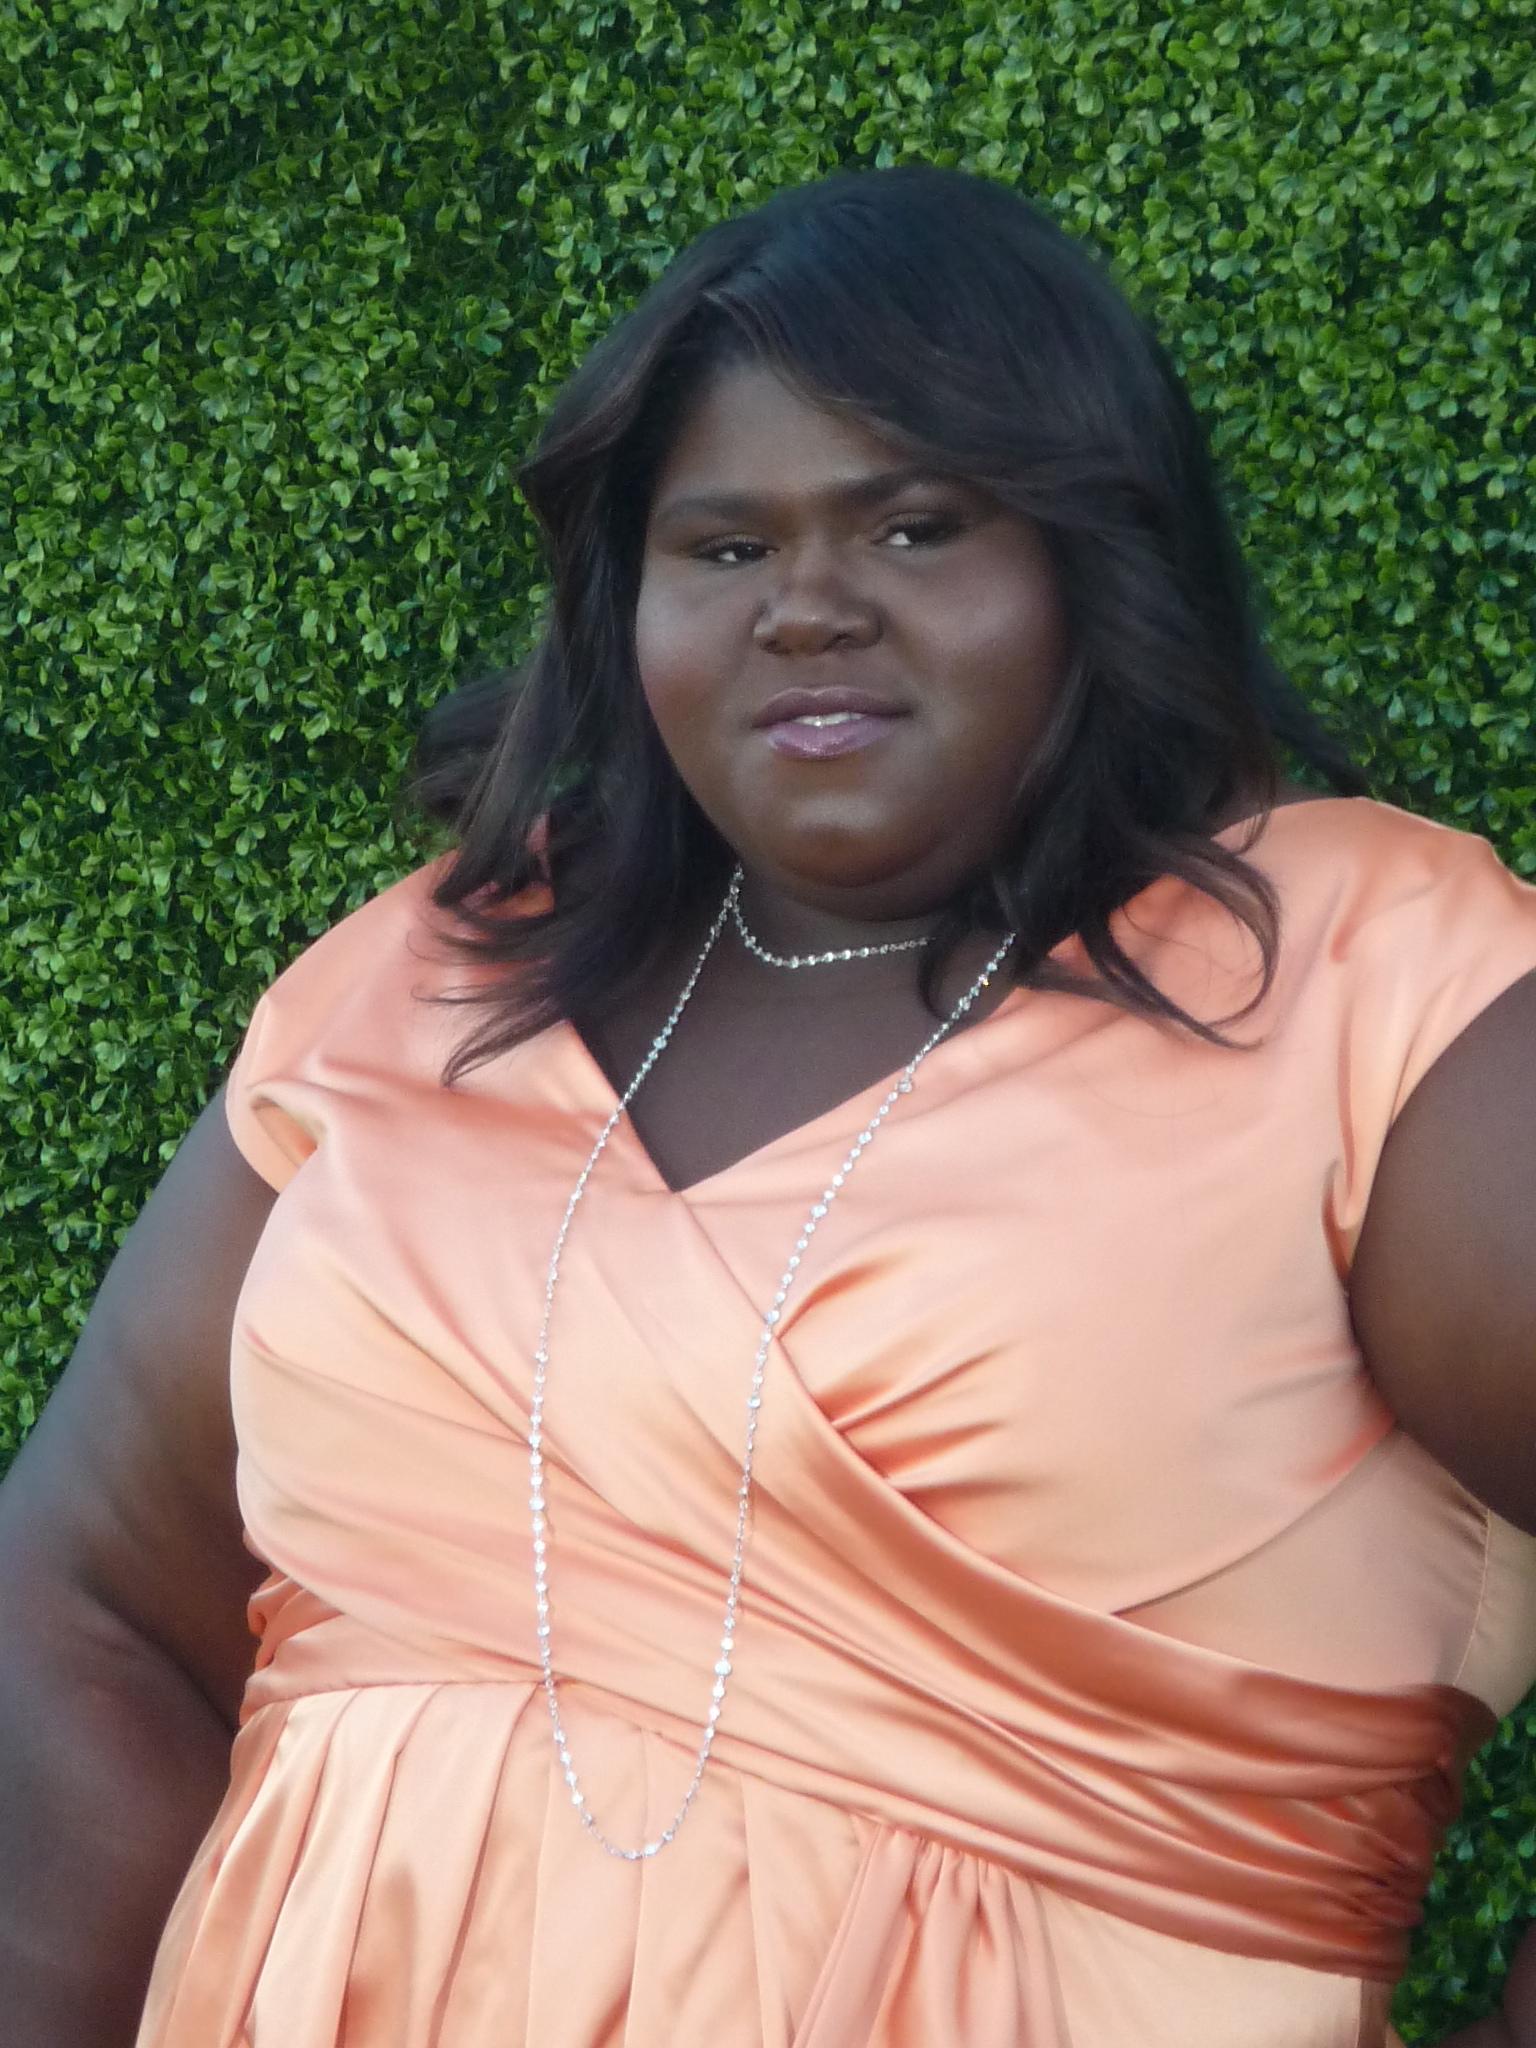 черные жирнейшие